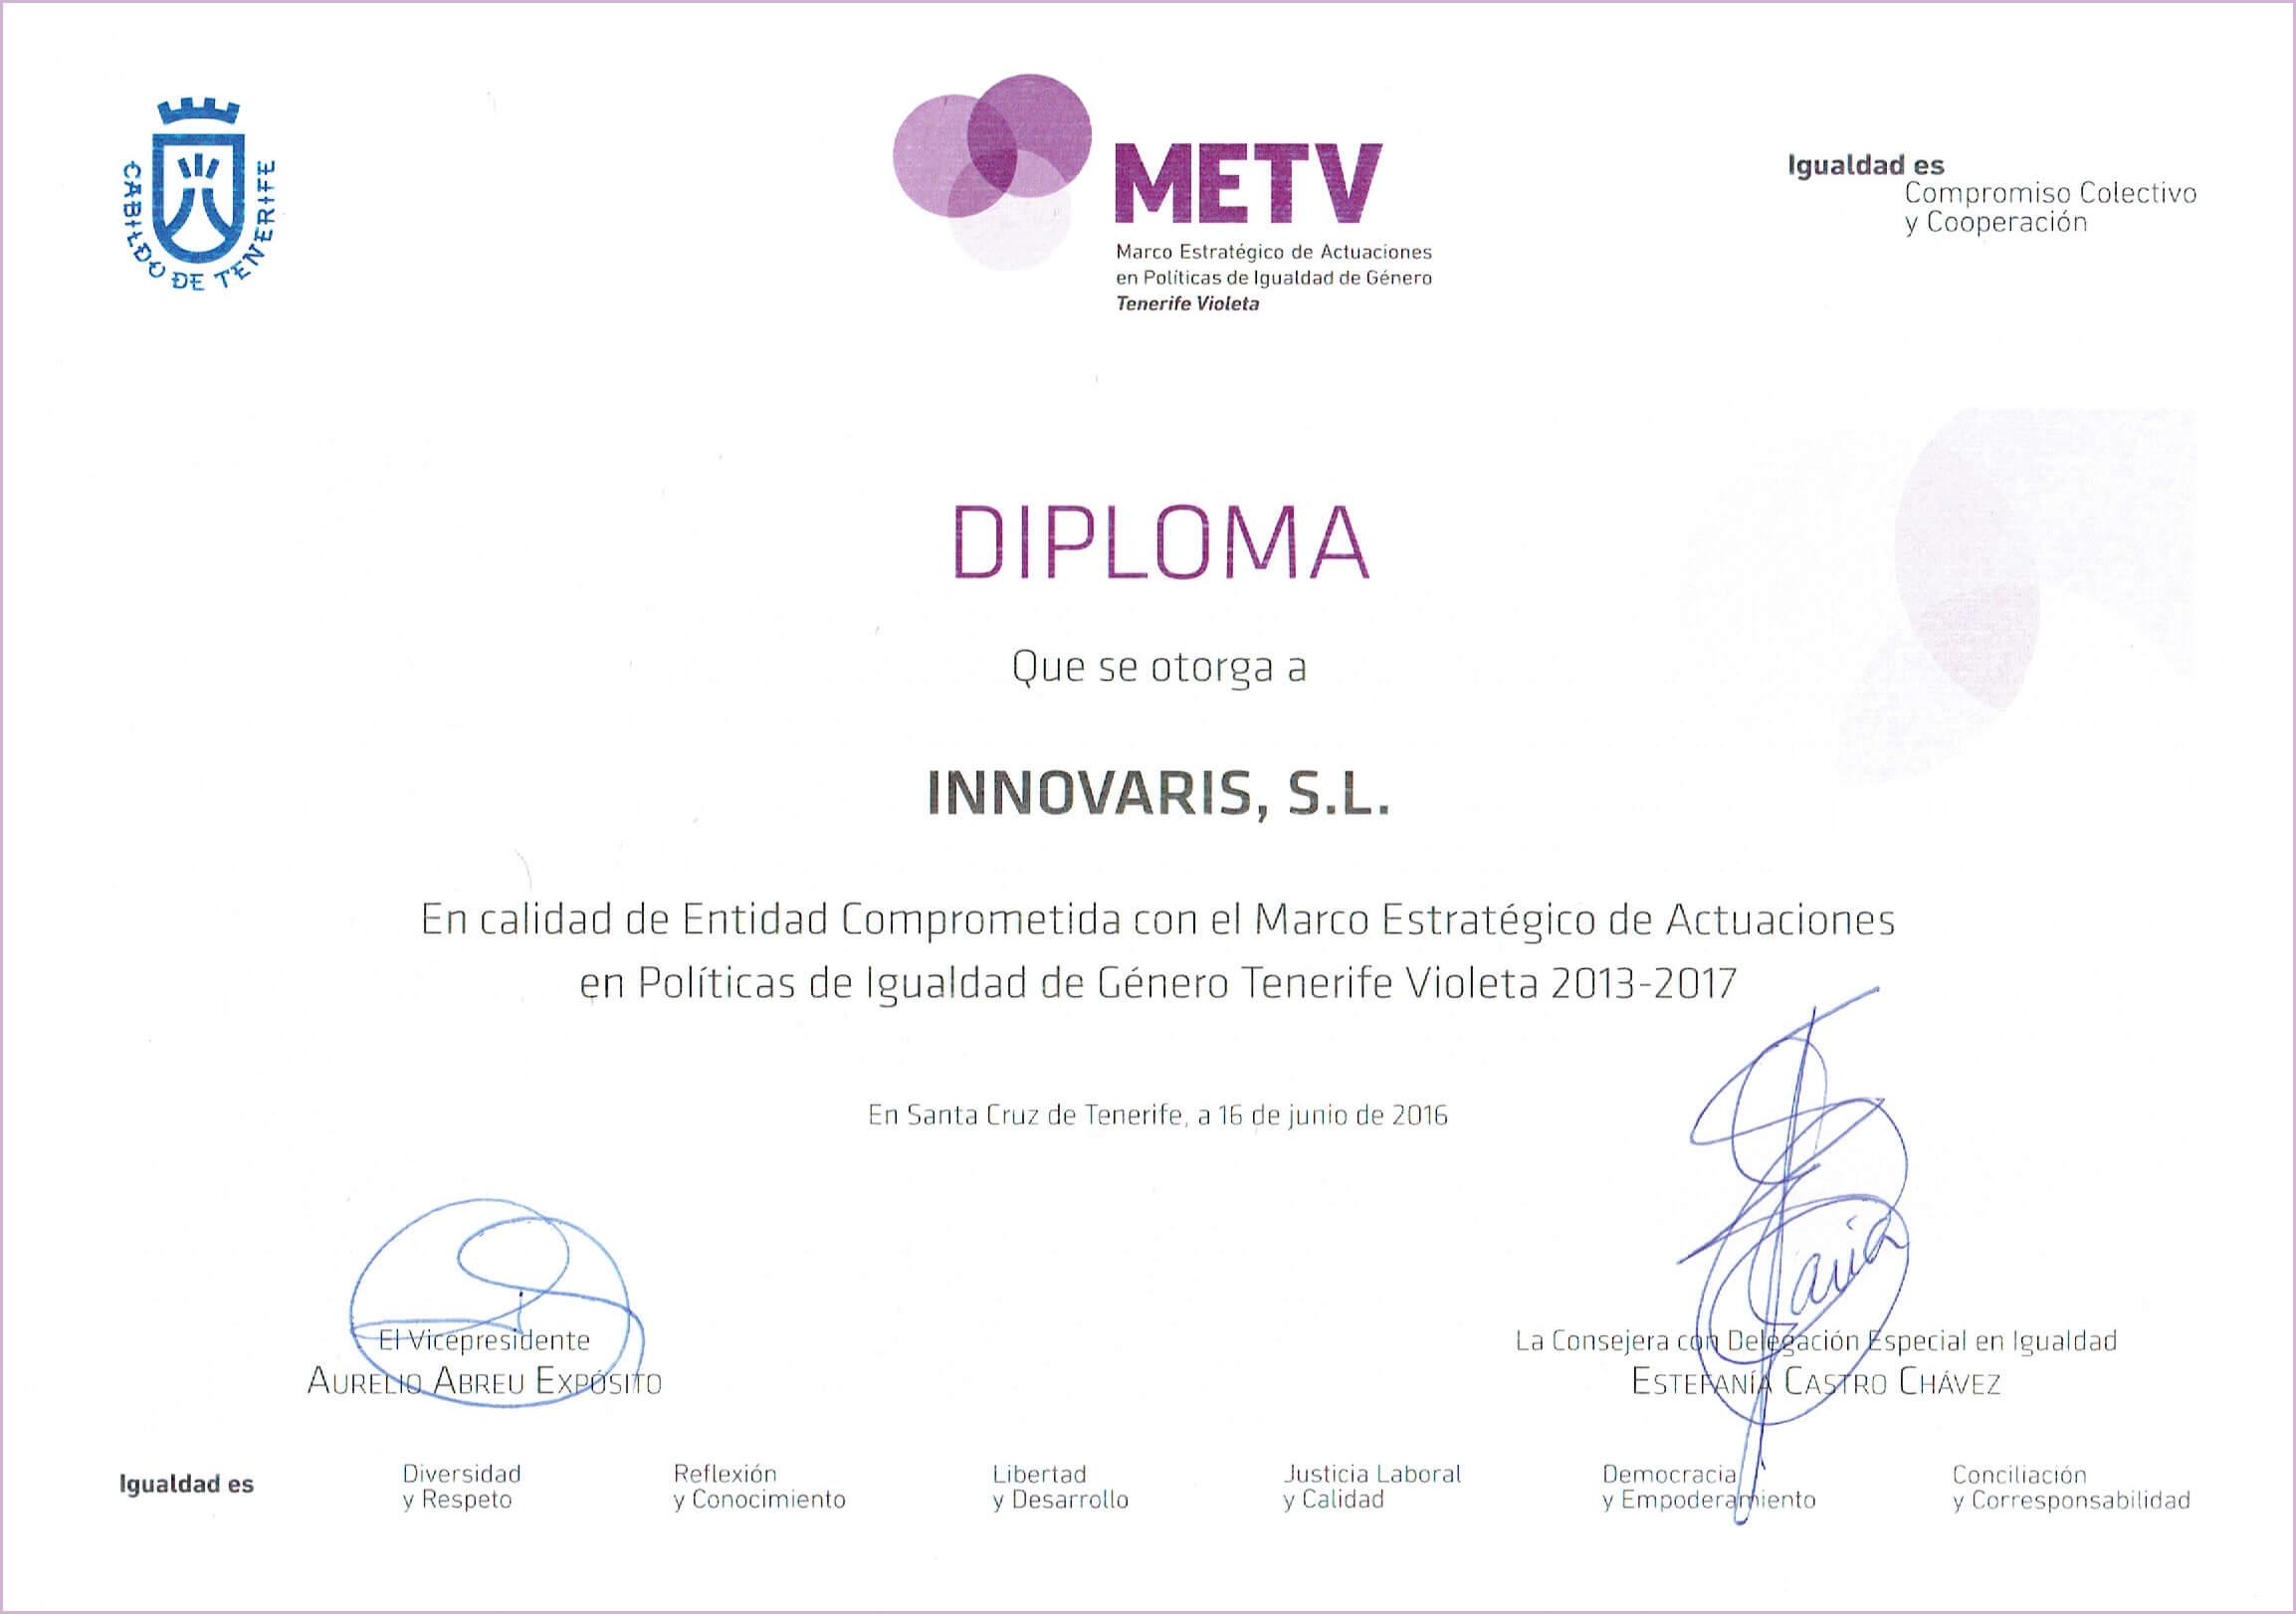 Certificado de políticas de Igualdad de Género Tenerife Violeta